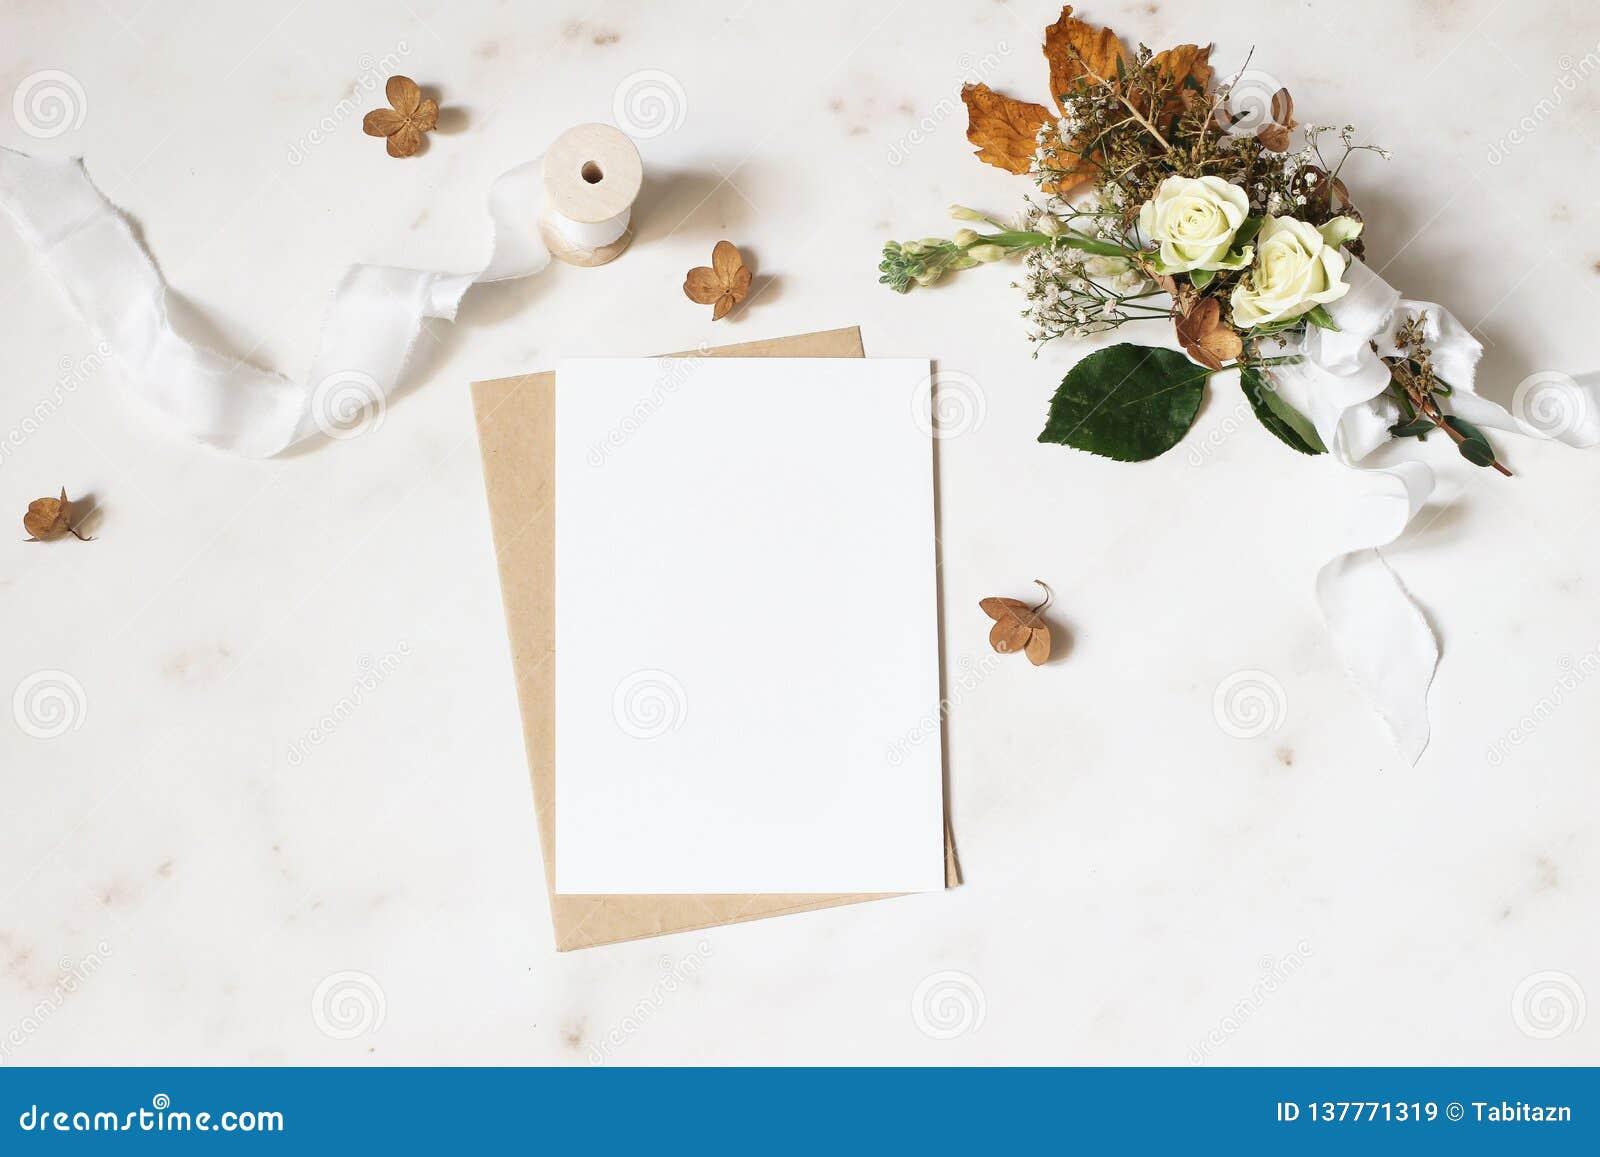 Женственная свадьба зимы, сцена модель-макета канцелярских принадлежностей дня рождения Пустая поздравительная открытка, конверт